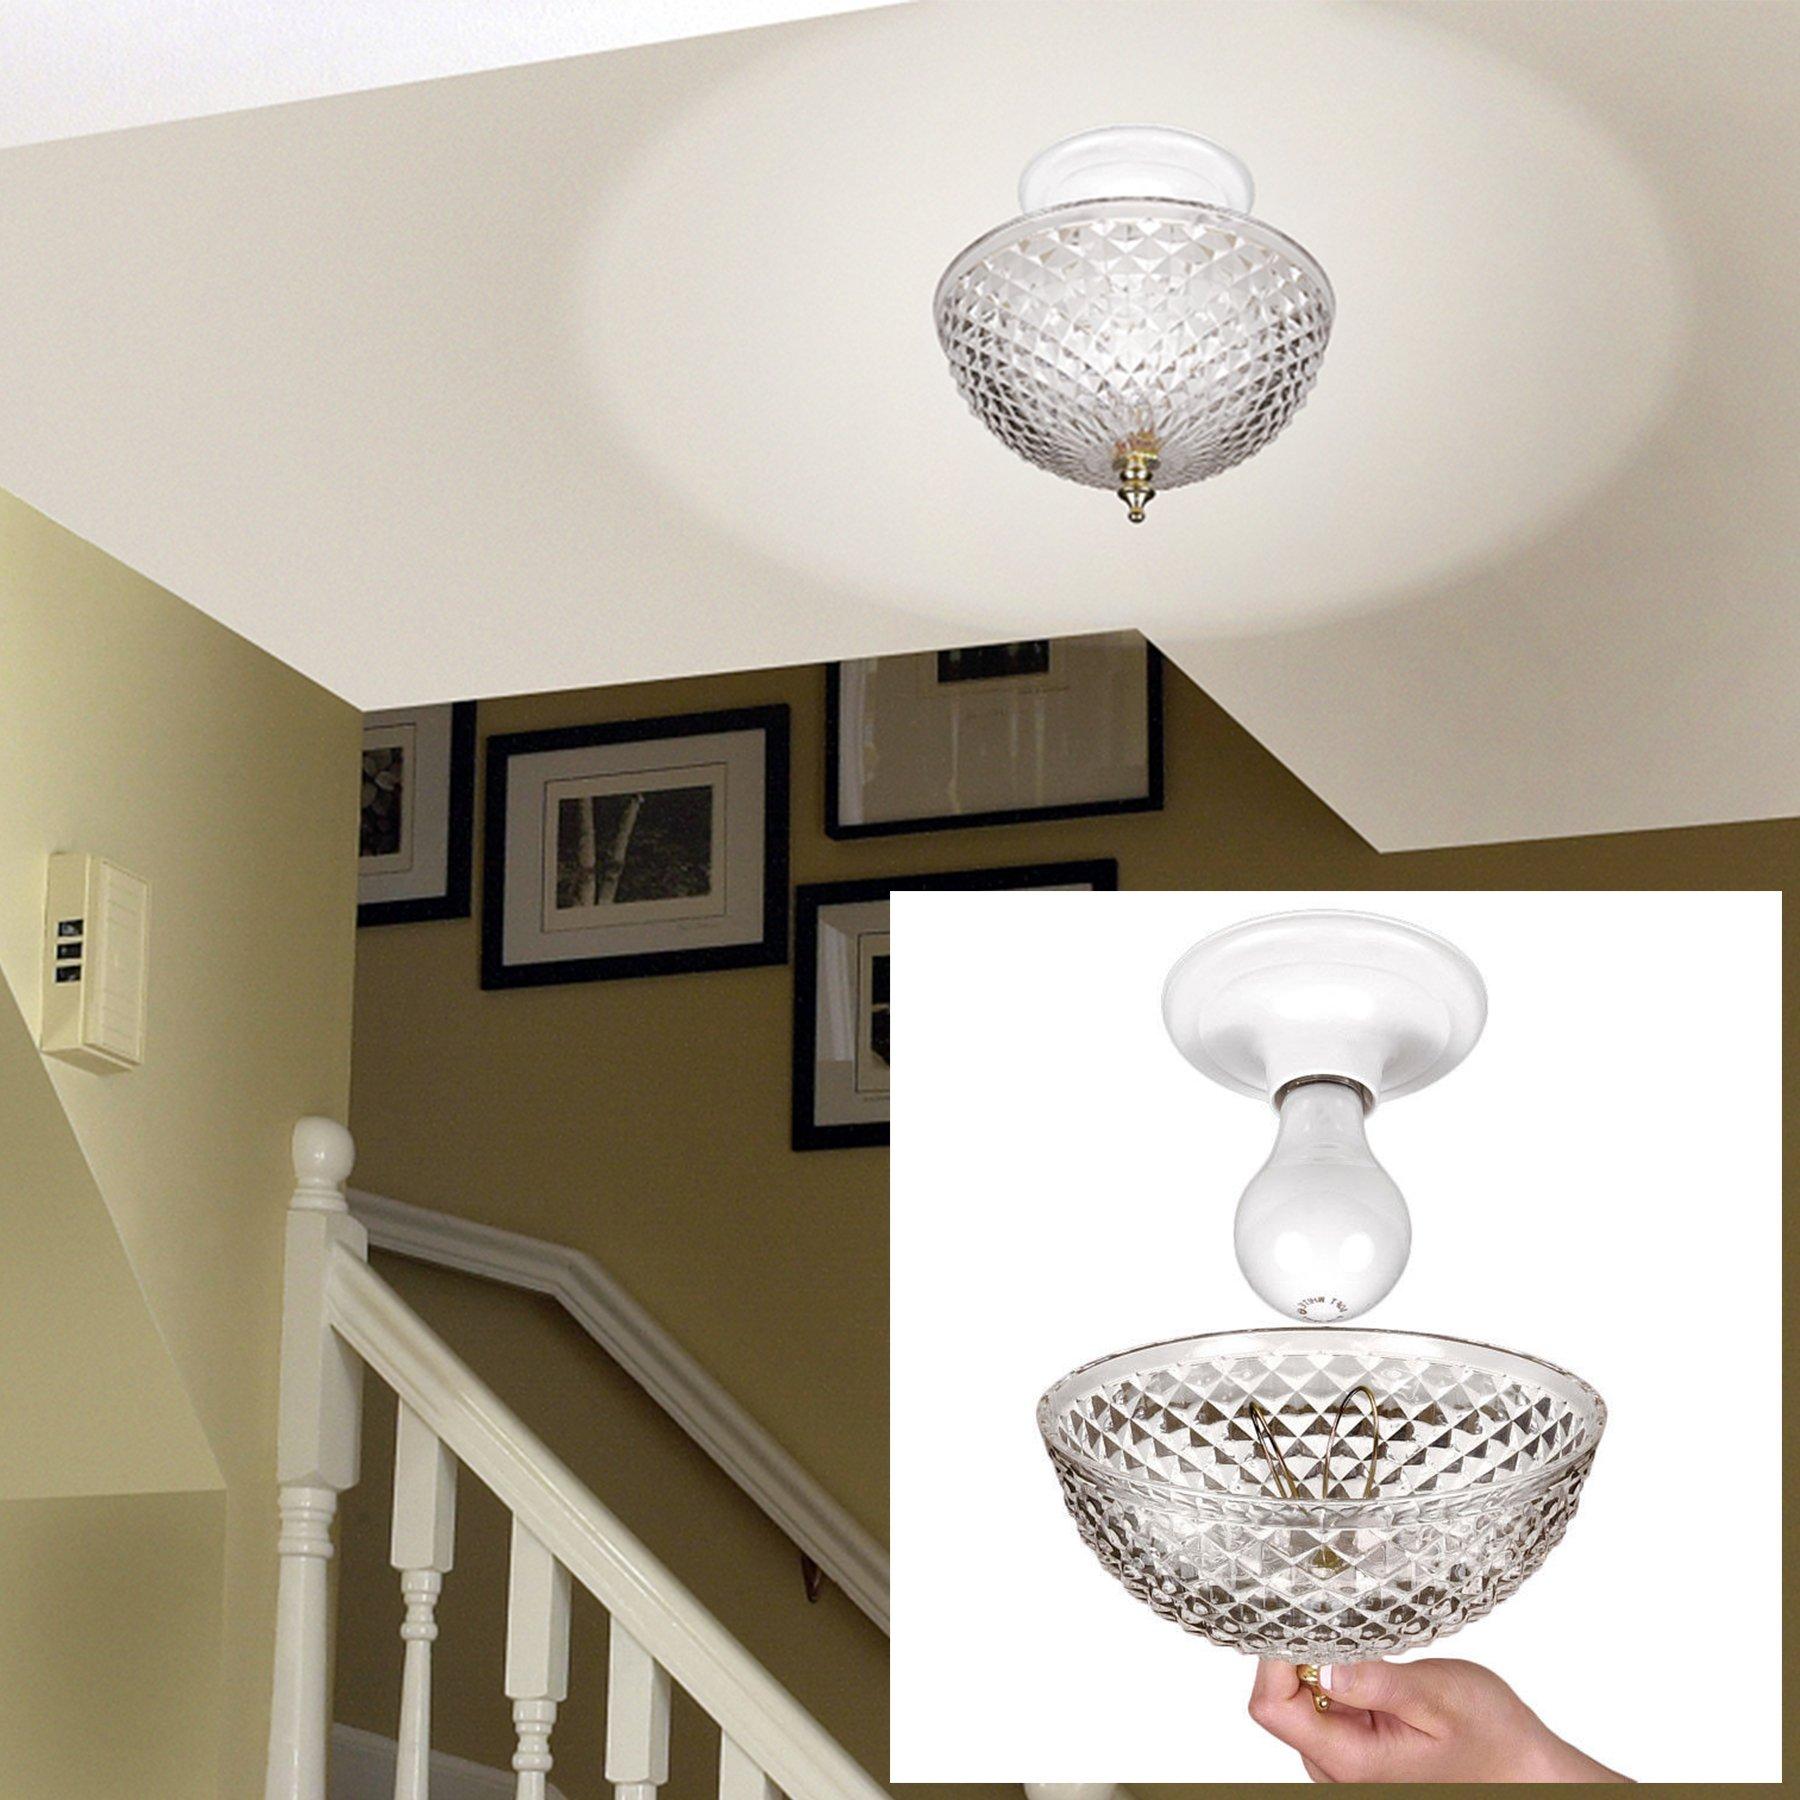 Clip-on Light Shade - Diamond Cut Acrylic Dome Lightbulb Fixture - 7 3/4''